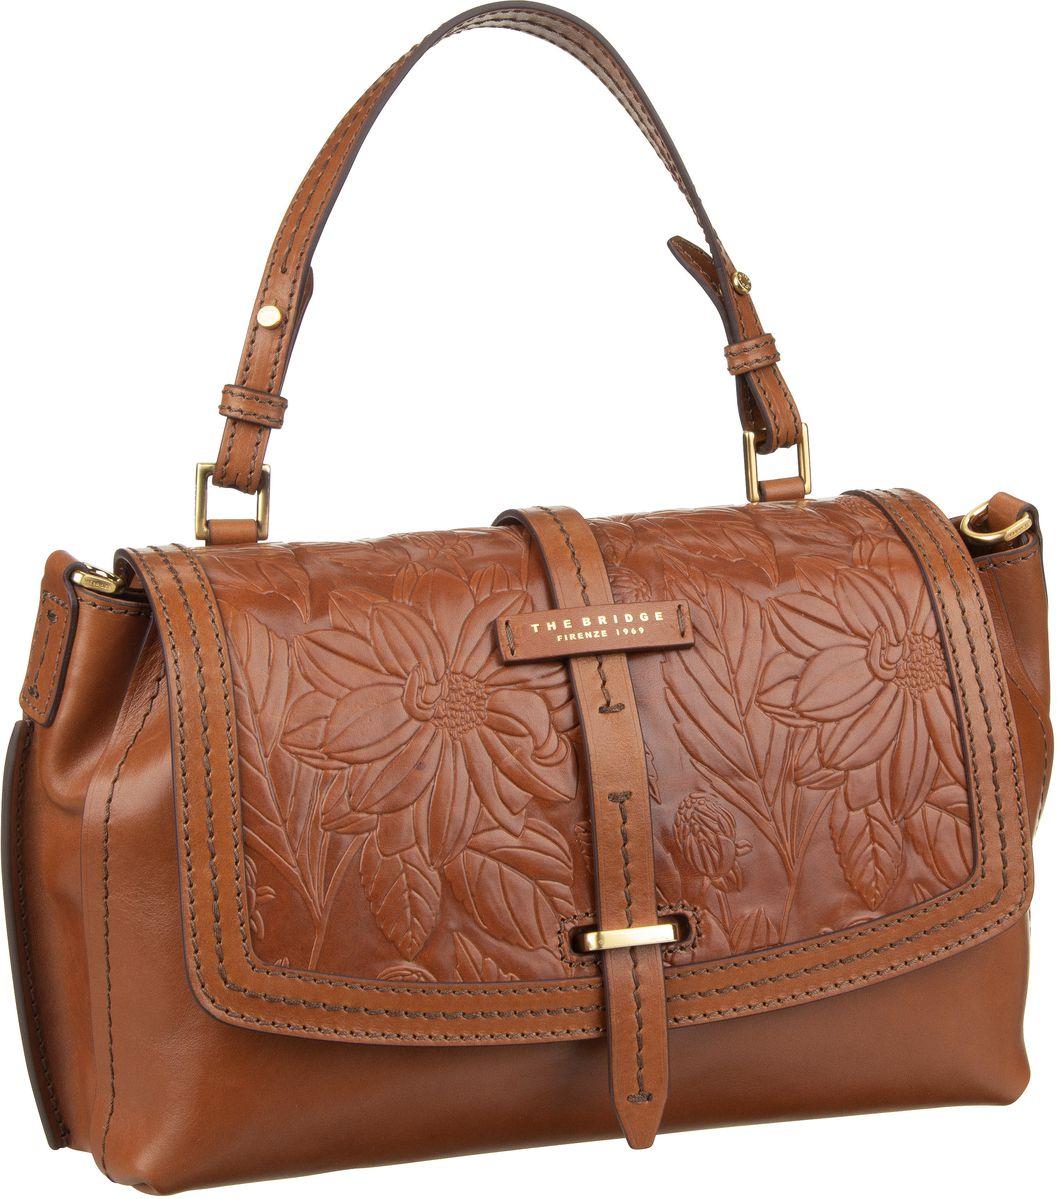 Handtasche Capraia Handtasche 3407 Cognac/Oro